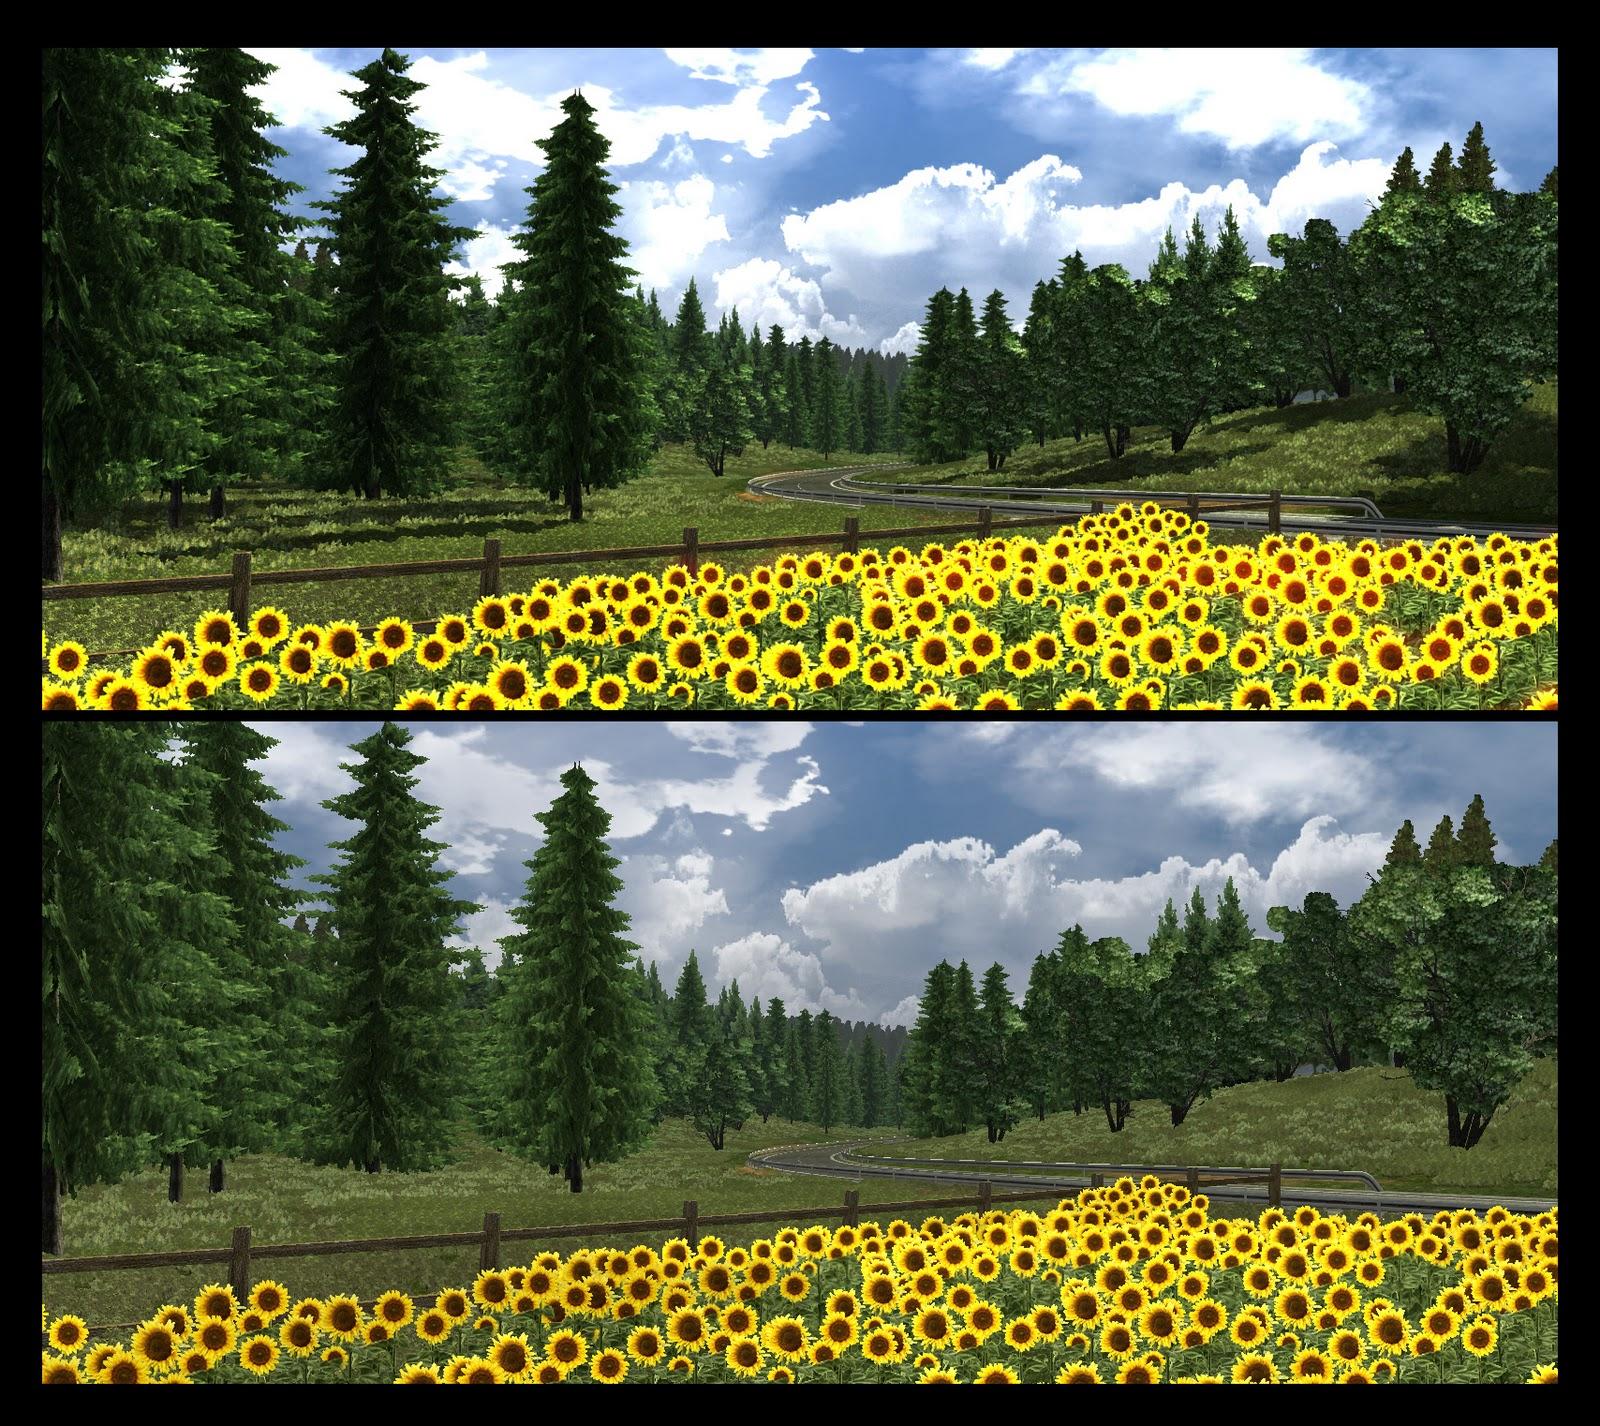 http://2.bp.blogspot.com/-7aLrxodTDrU/TZw0obzzBqI/AAAAAAAAAIw/mLg_9QxH1So/s1600/old_gfx_vs_new_gfx.jpg